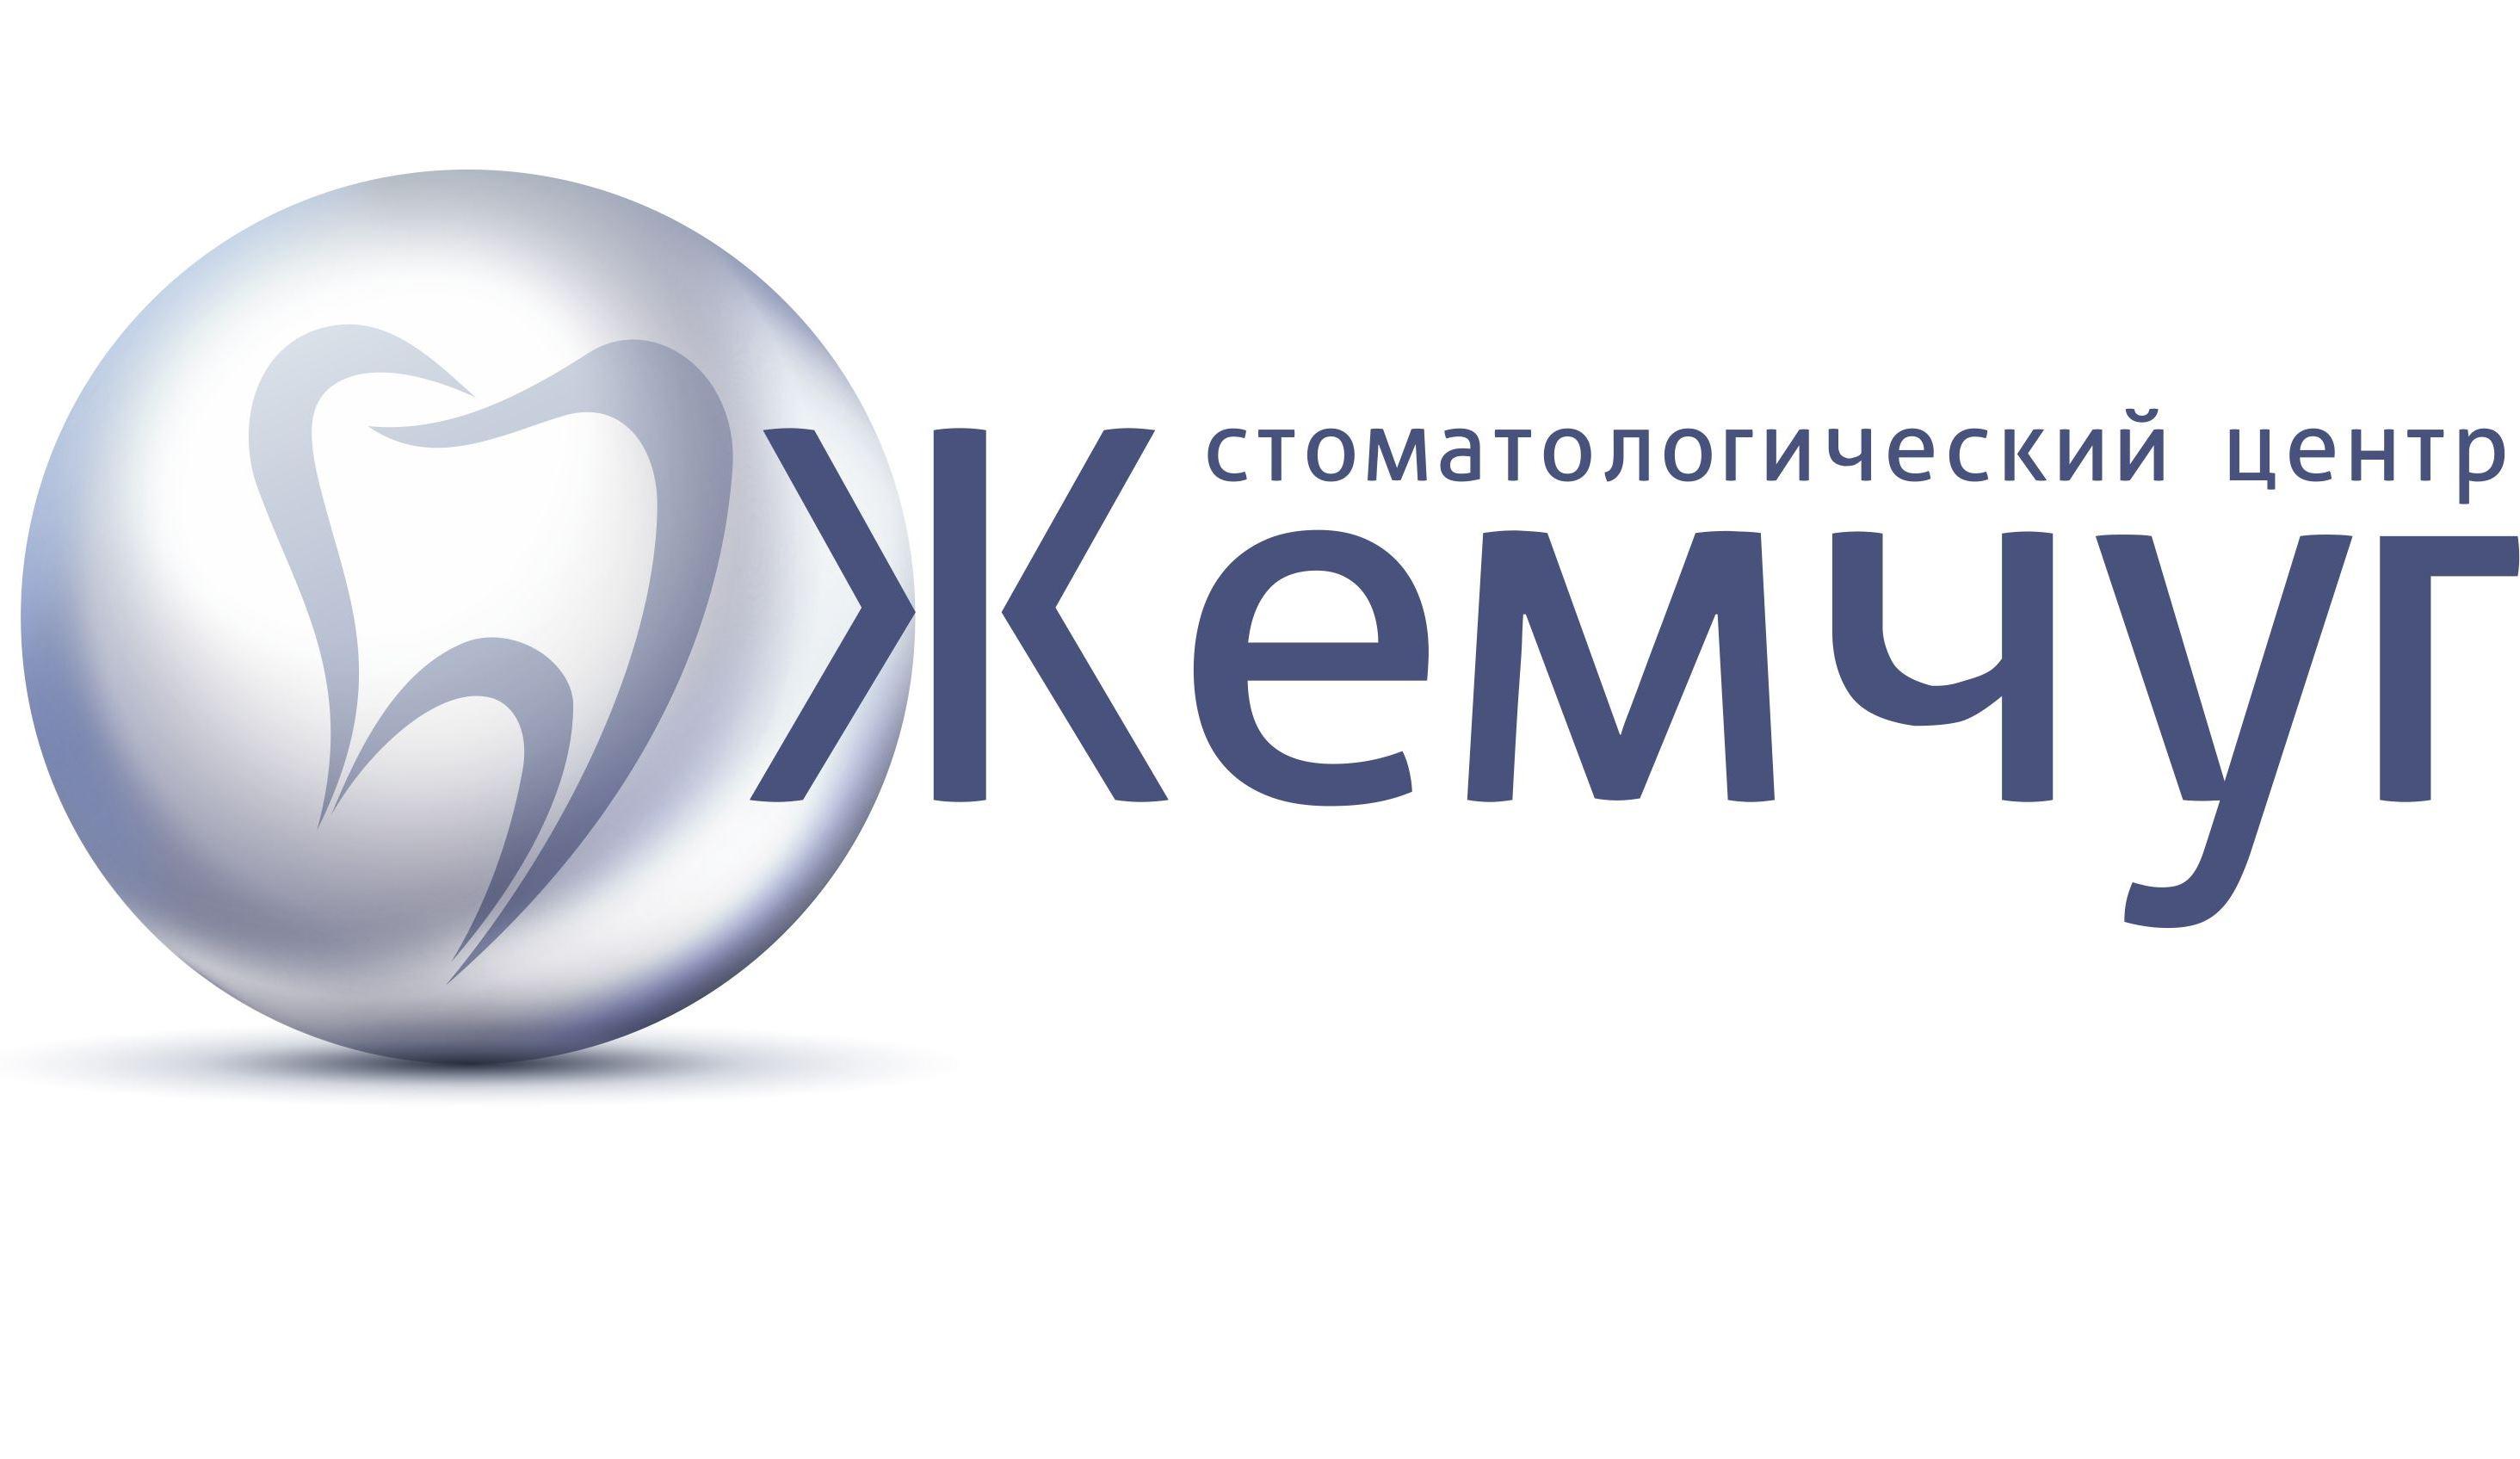 Жемчуг логотип